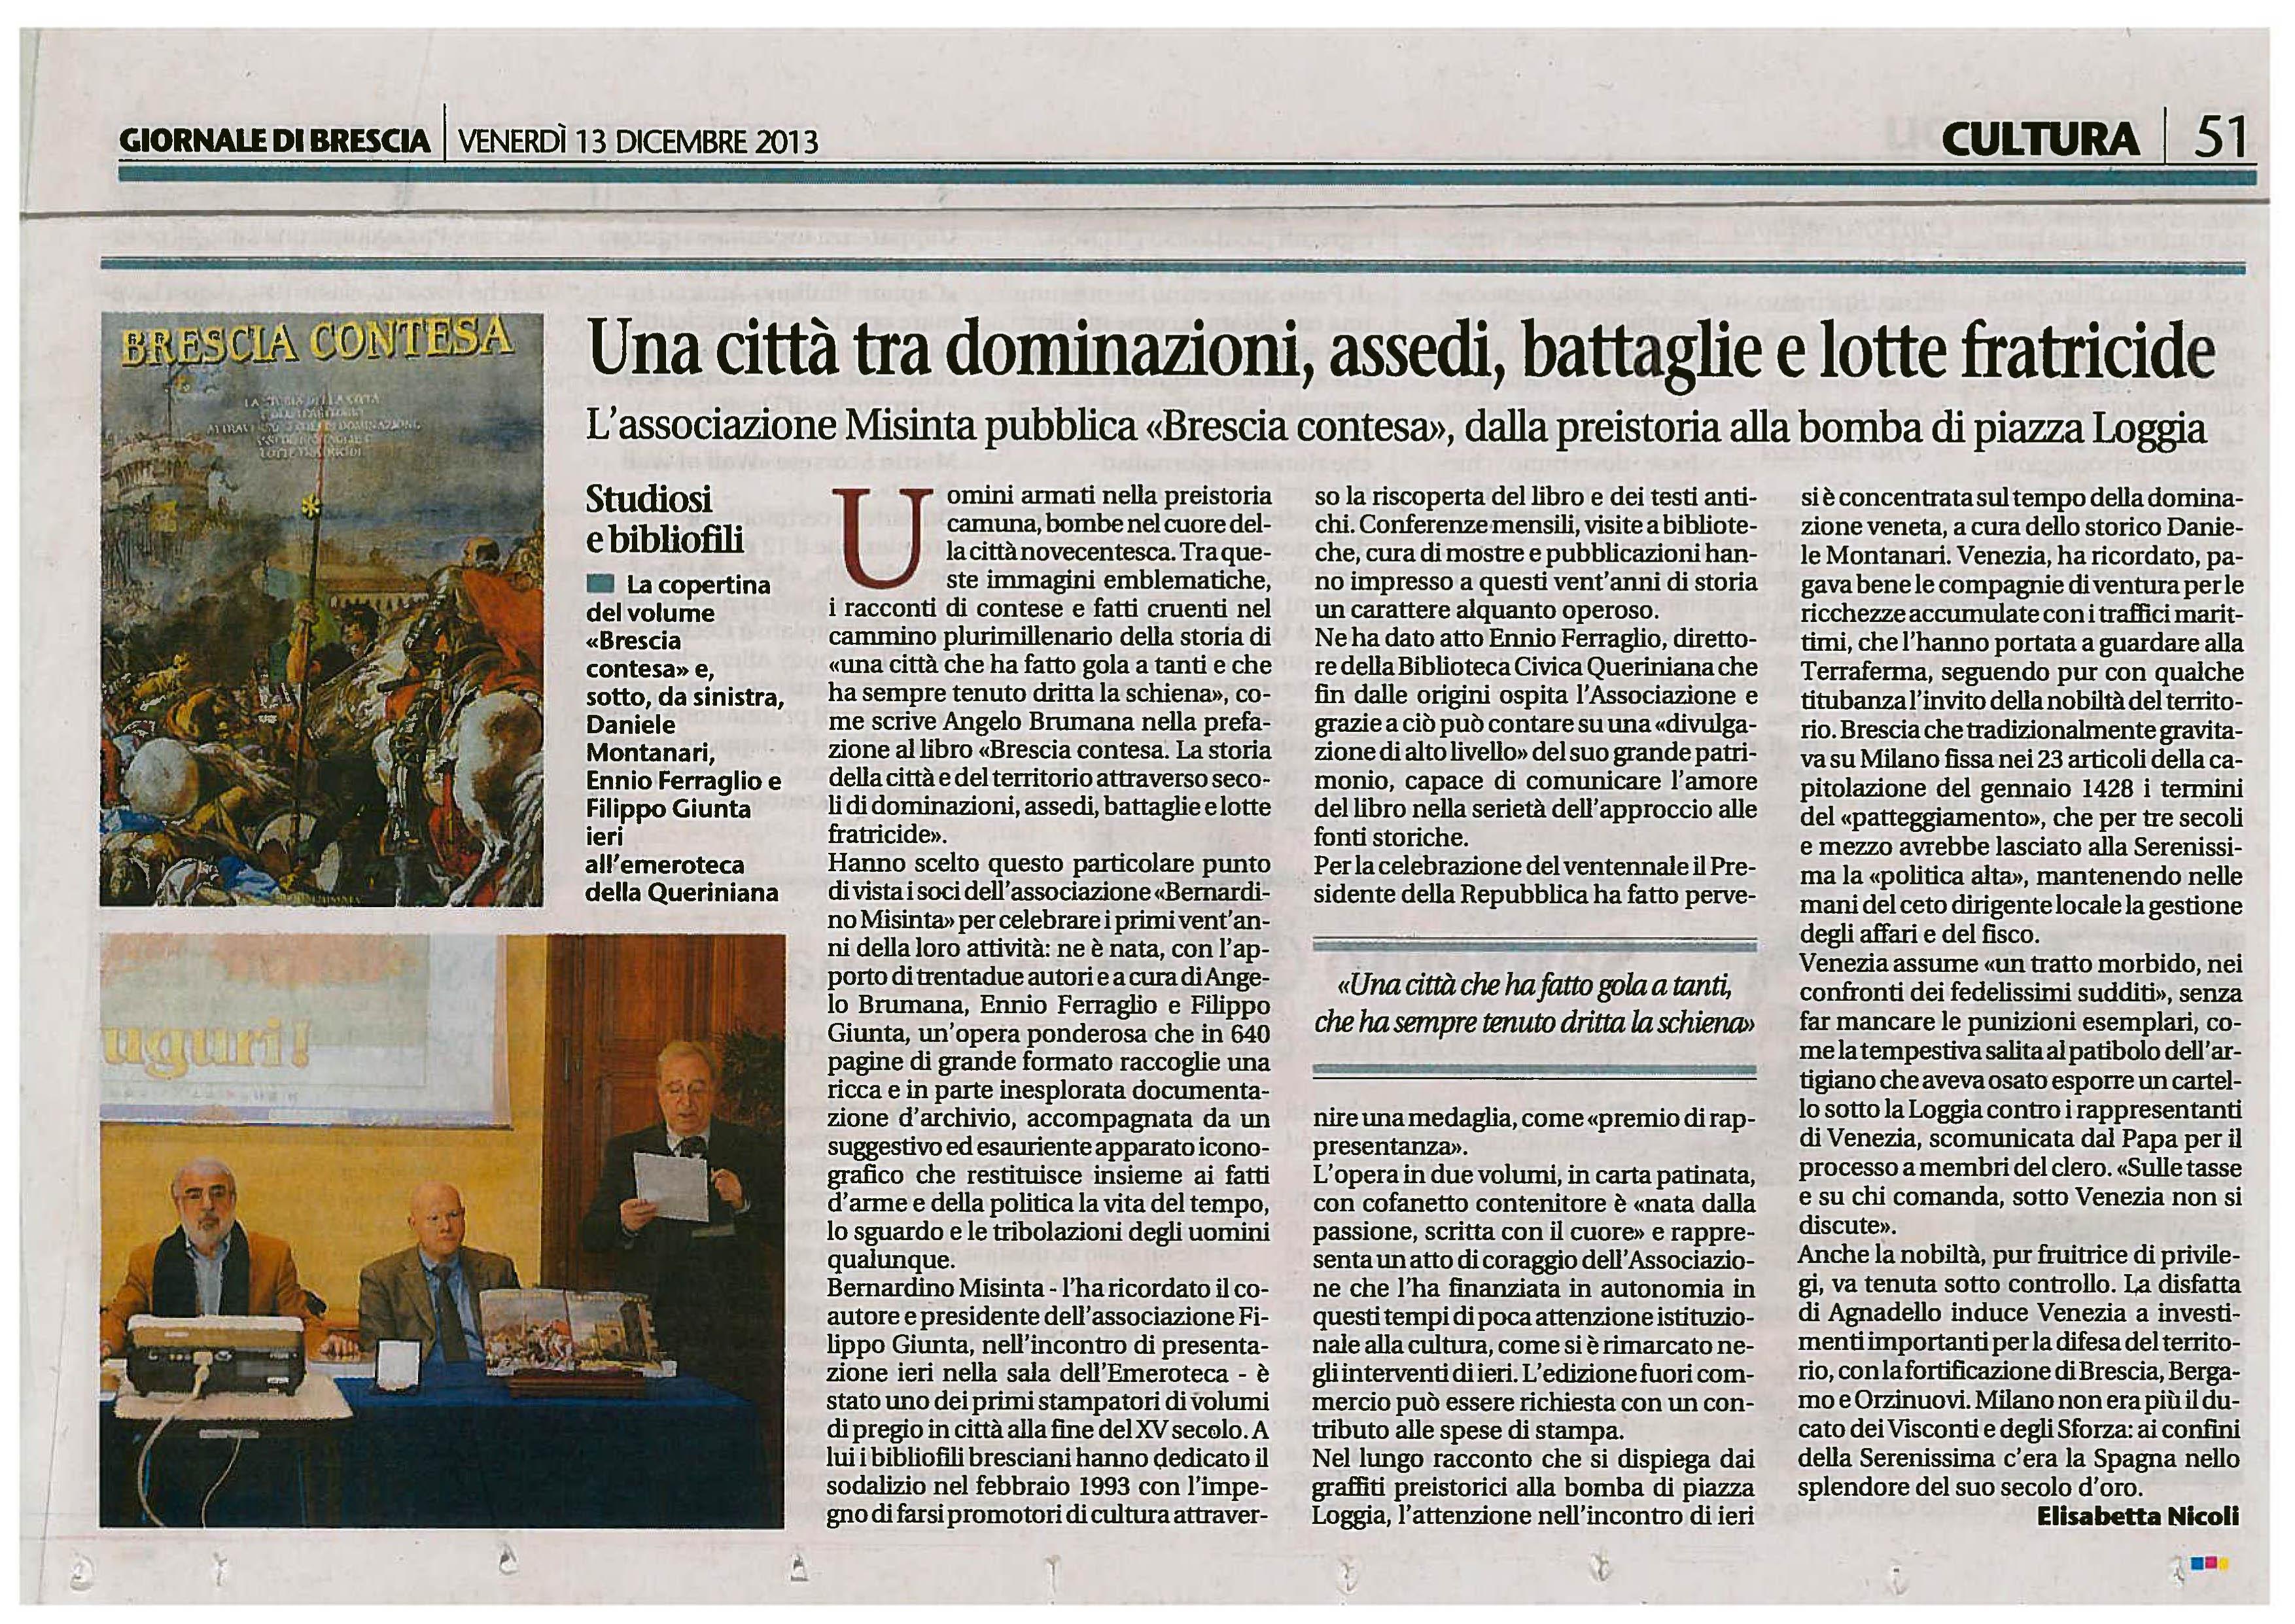 Giornale di Brescia articolo Nicoli